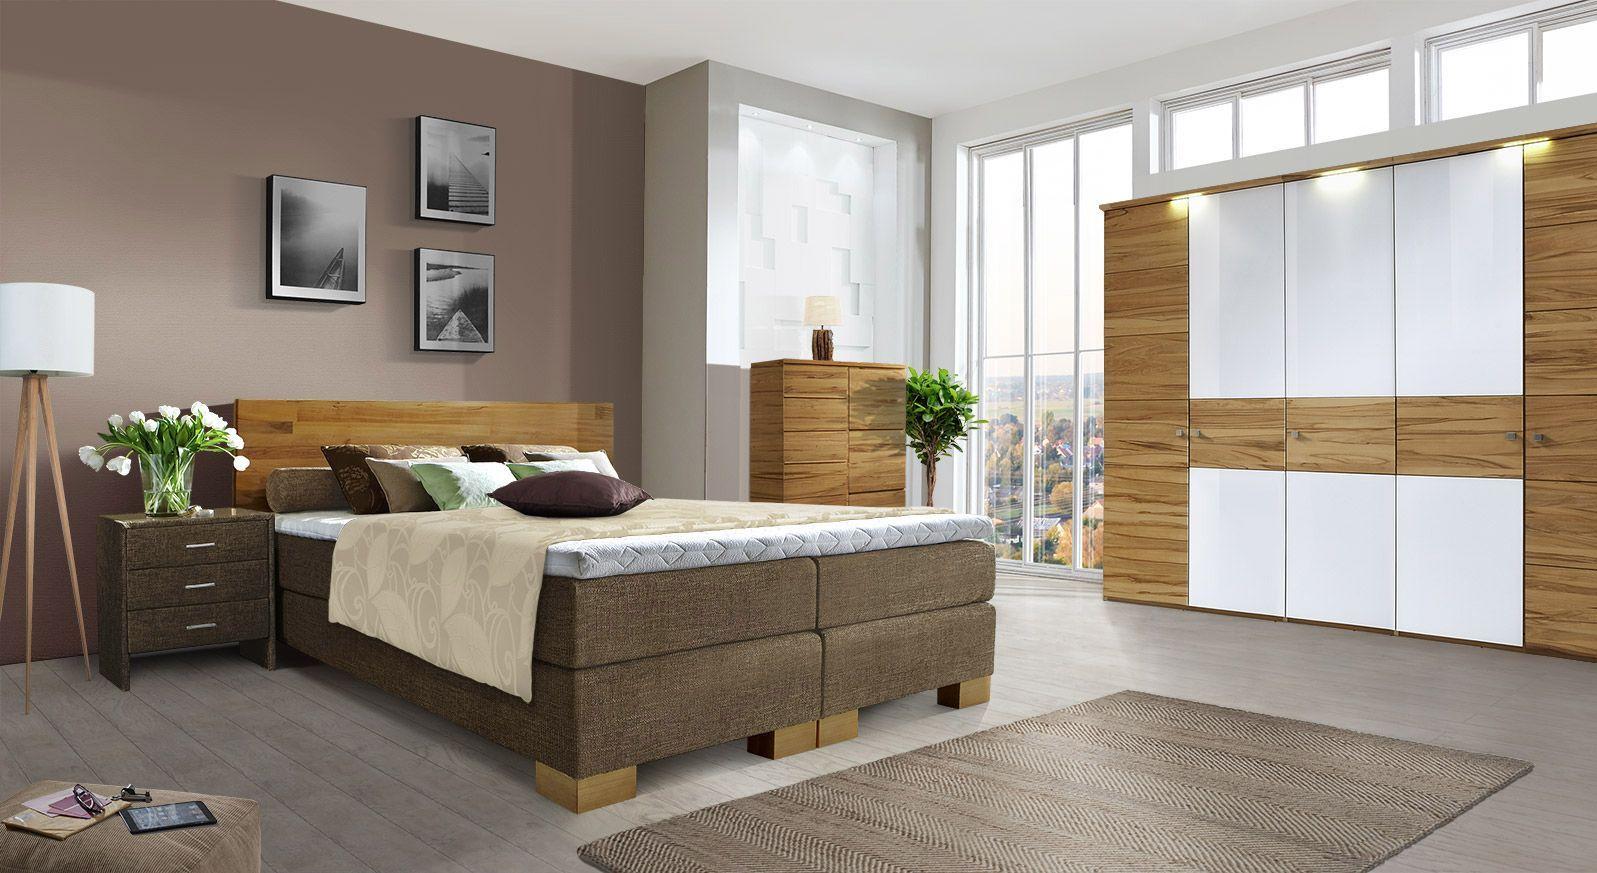 Komplett-Schlafzimmer mit Boxspringbett Salvatore in Braun